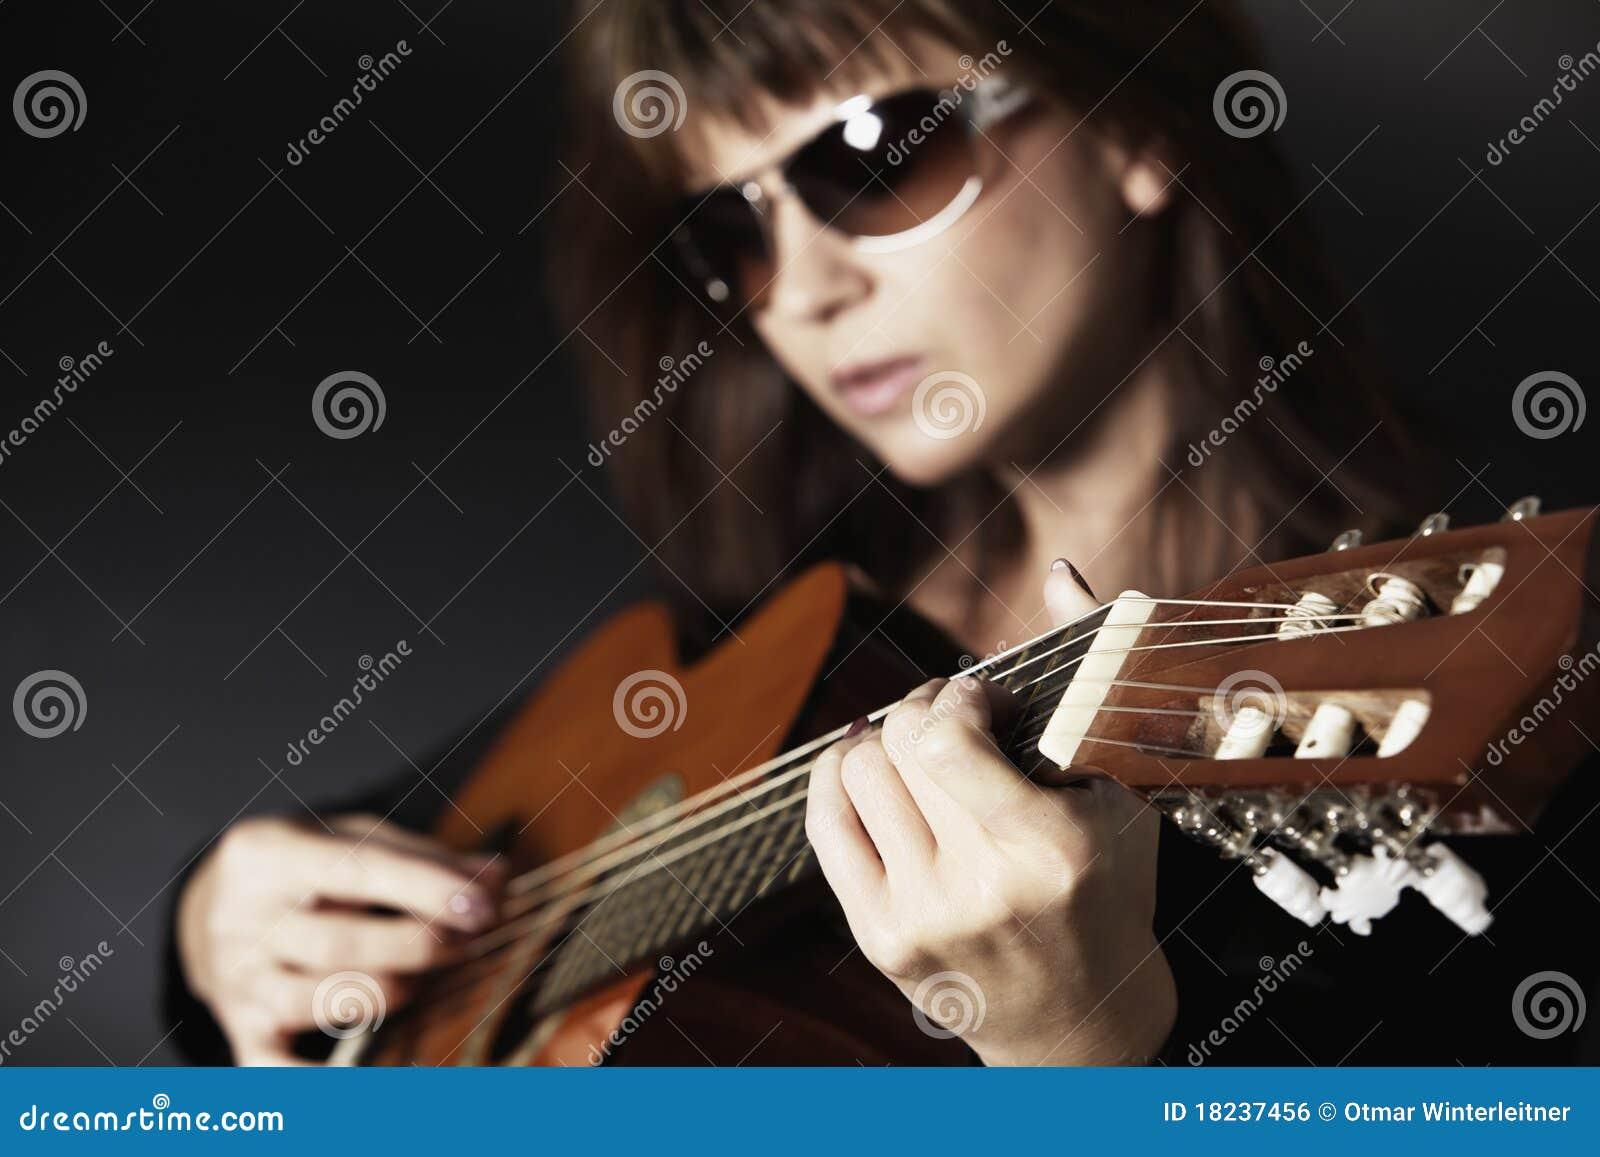 Fermez-vous vers le haut de la main de la fille jouant la guitare.